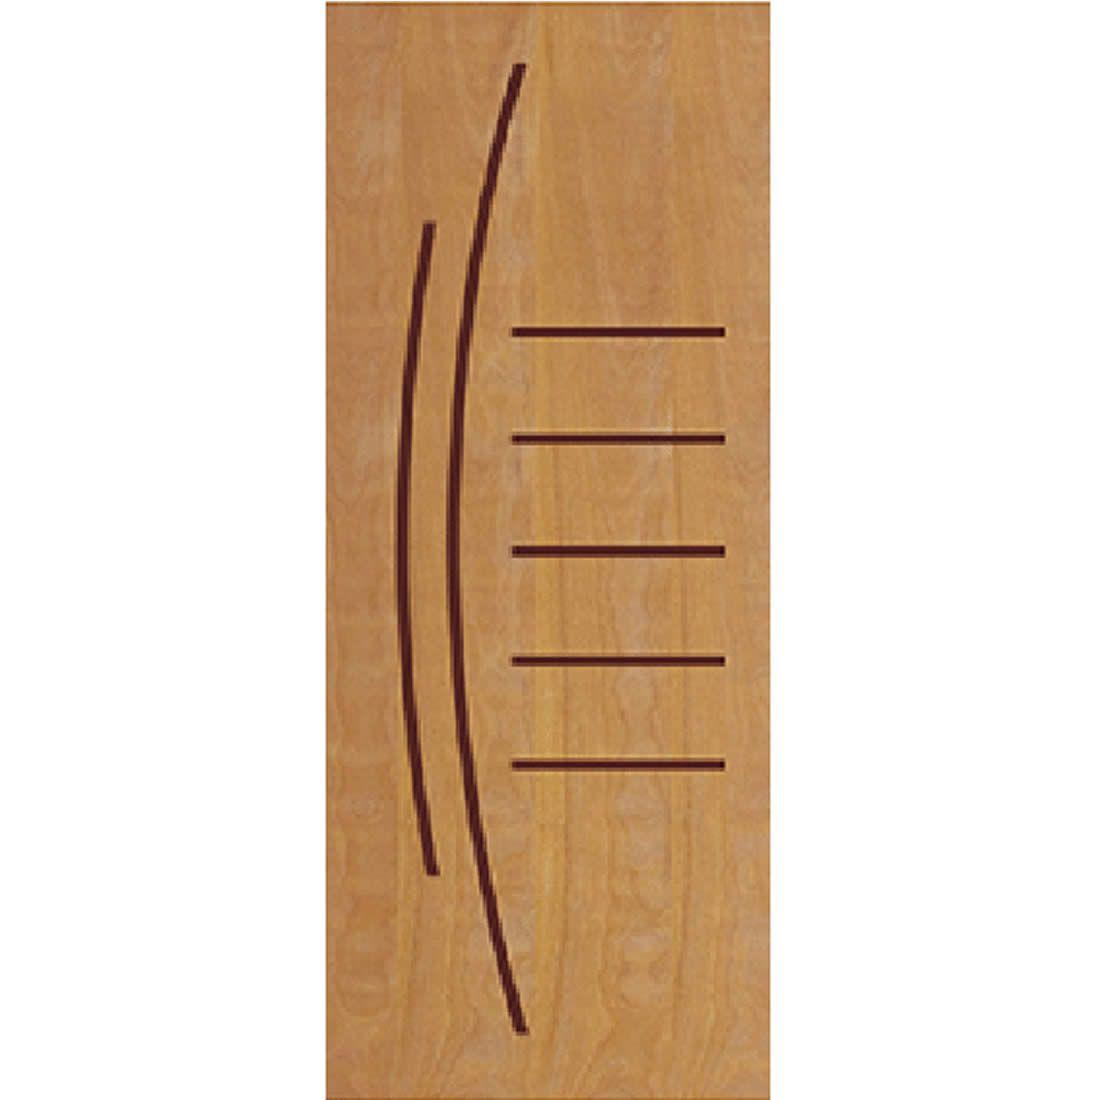 Porta 2,10 x 0,80m em Madeira Curupixa Semi Sólida Modelo 12 Frisada JB Paes